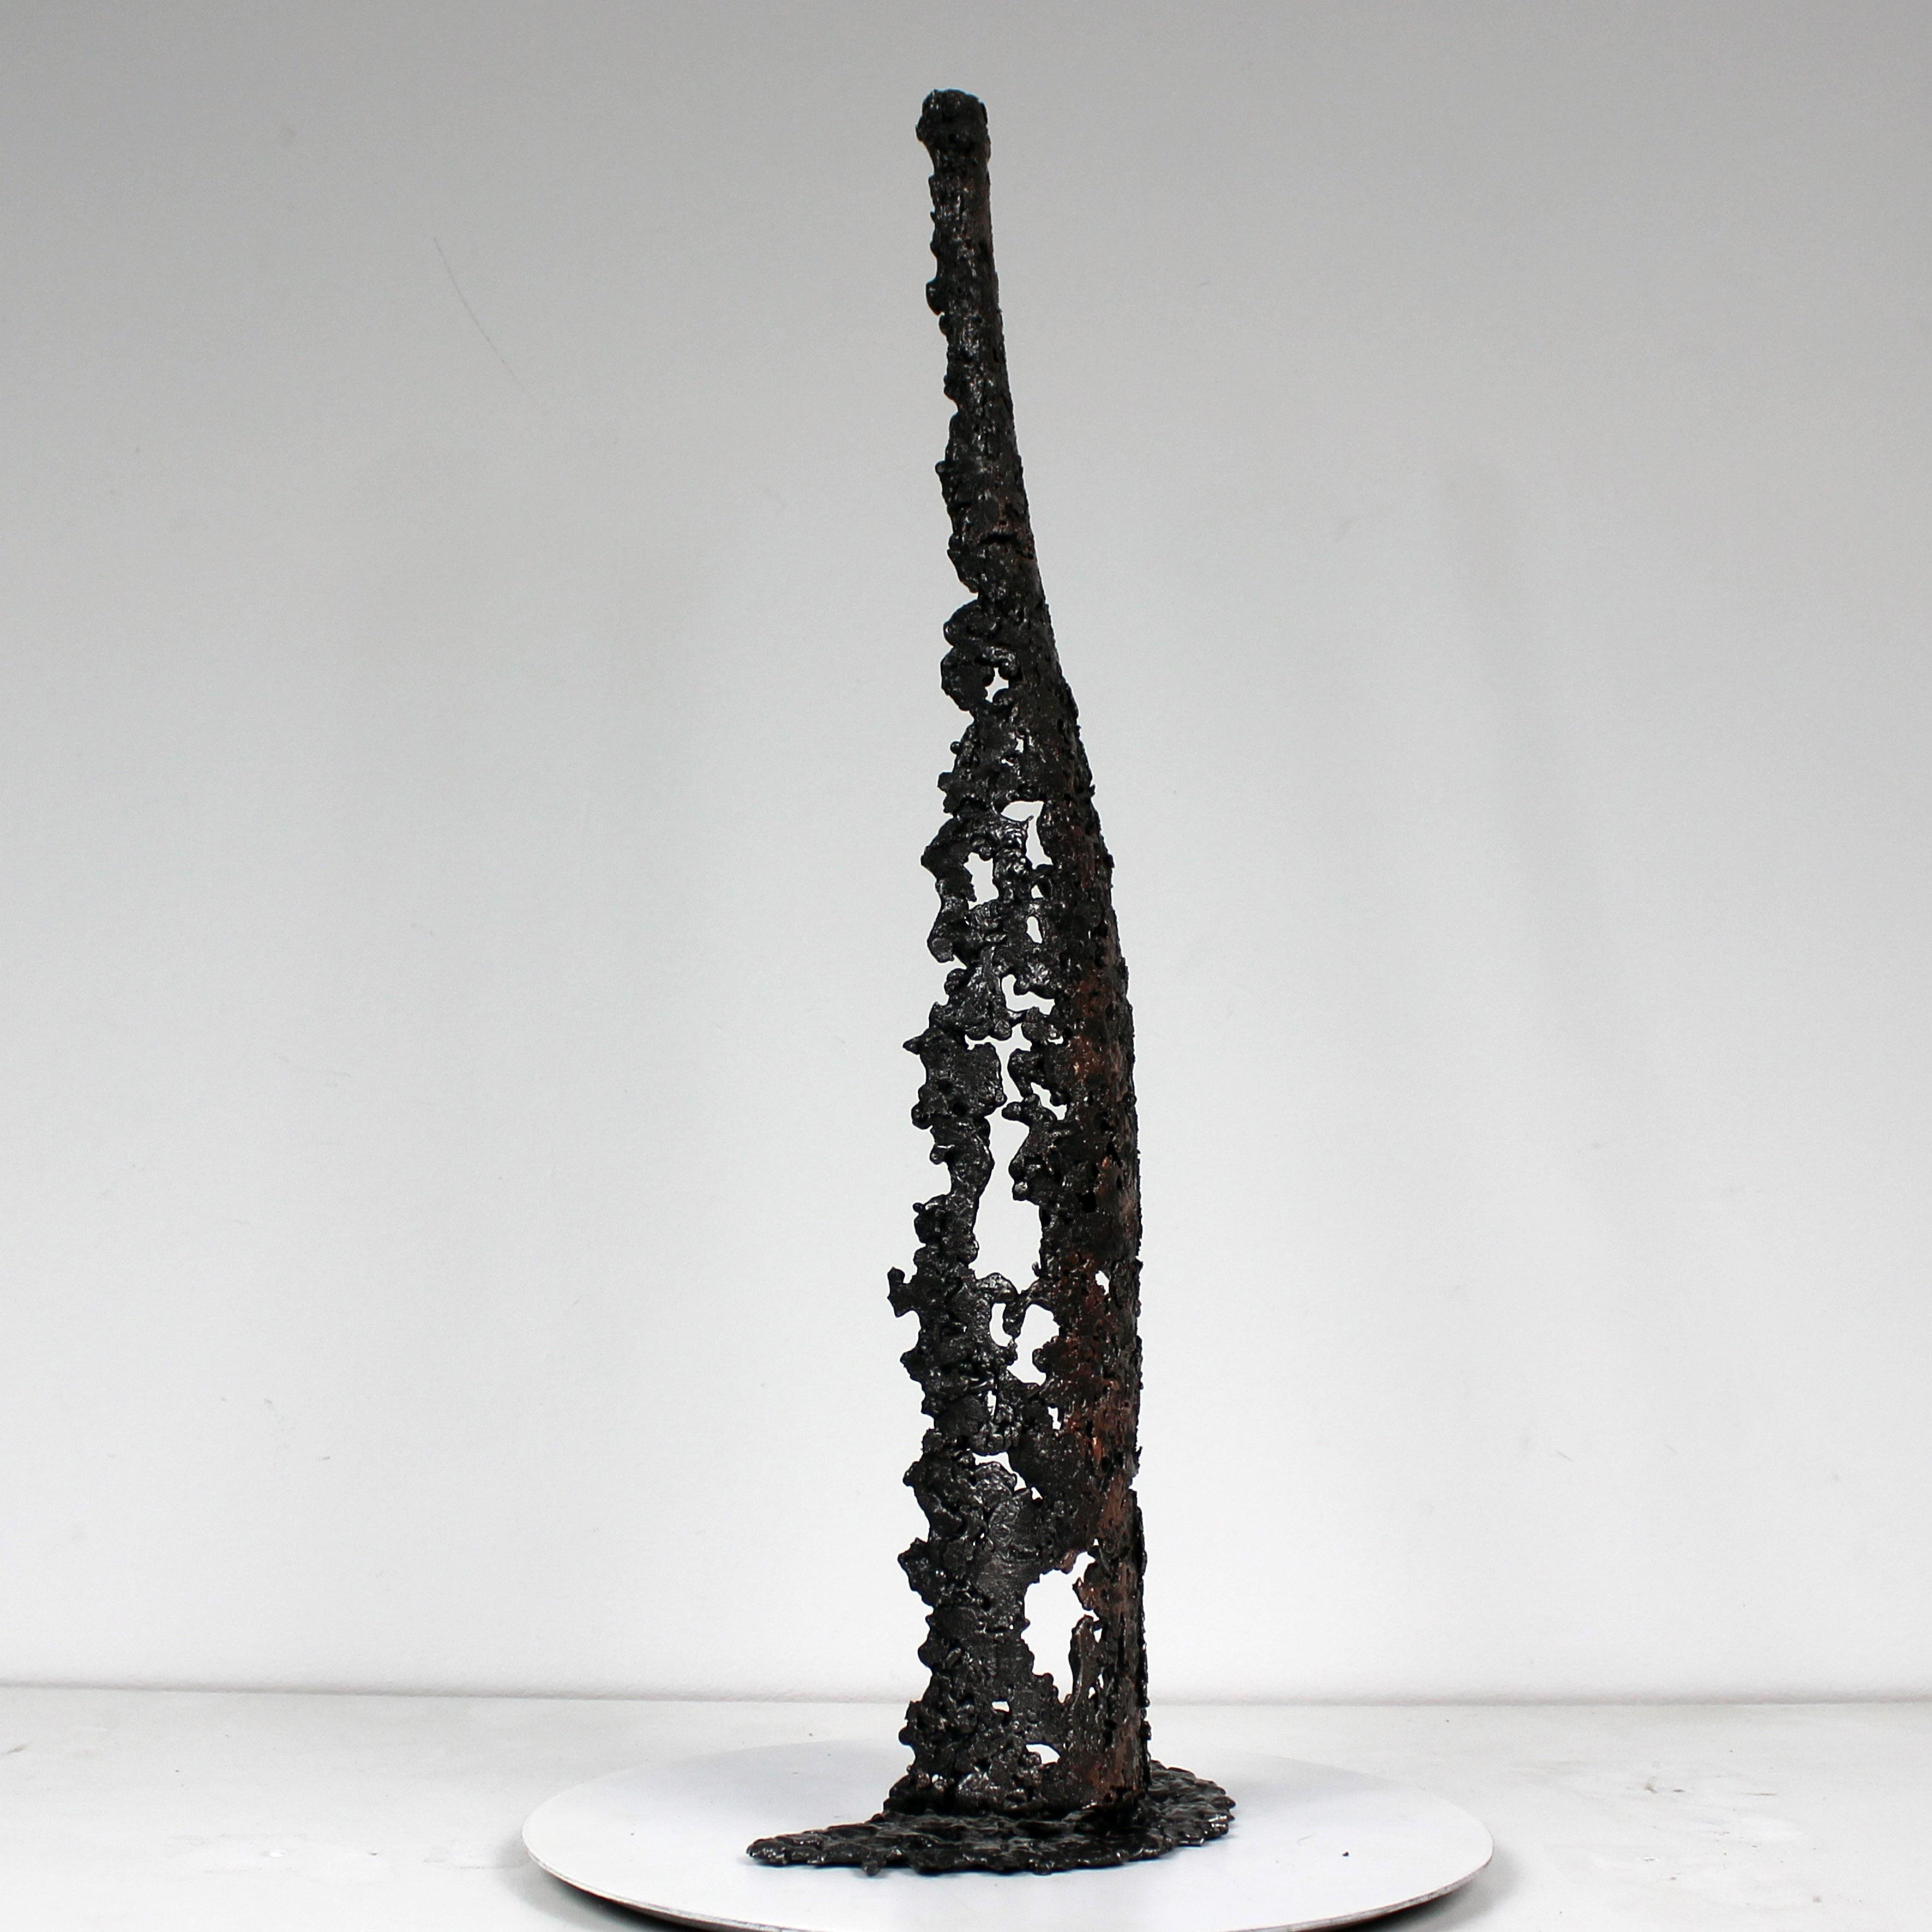 BOUTEILLE POIRE - Sculpture bouteille eau de vie métal